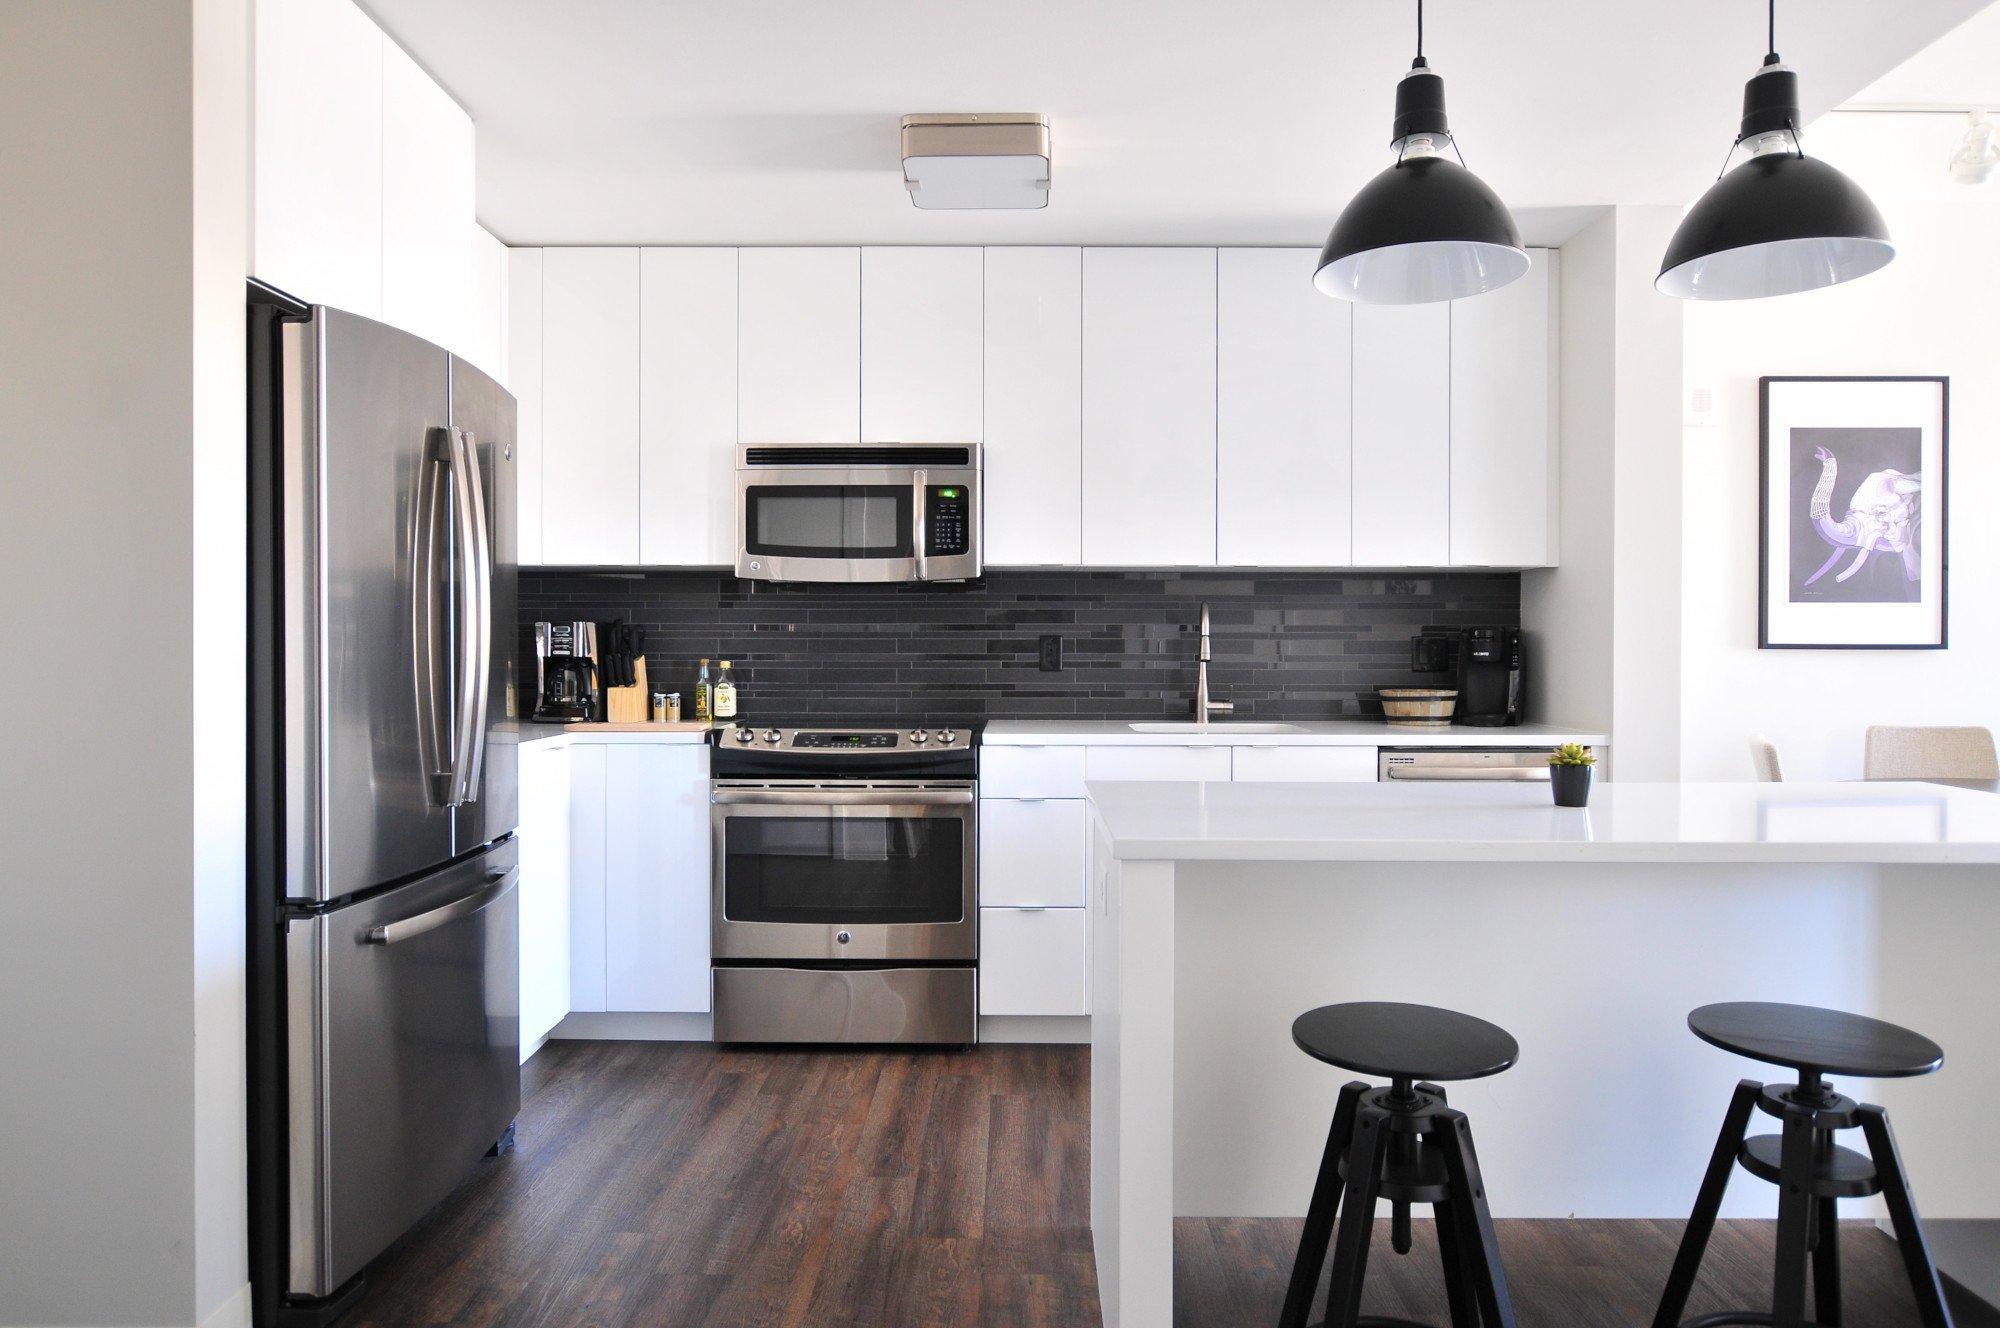 Full Size of Komplettküche Roller Komplettküche Komplettküche Mit Geräten Günstig Respekta Küche Küchenzeile Küchenblock Einbauküche Komplettküche Weiß 320 Cm Küche Einbauküche Ohne Kühlschrank